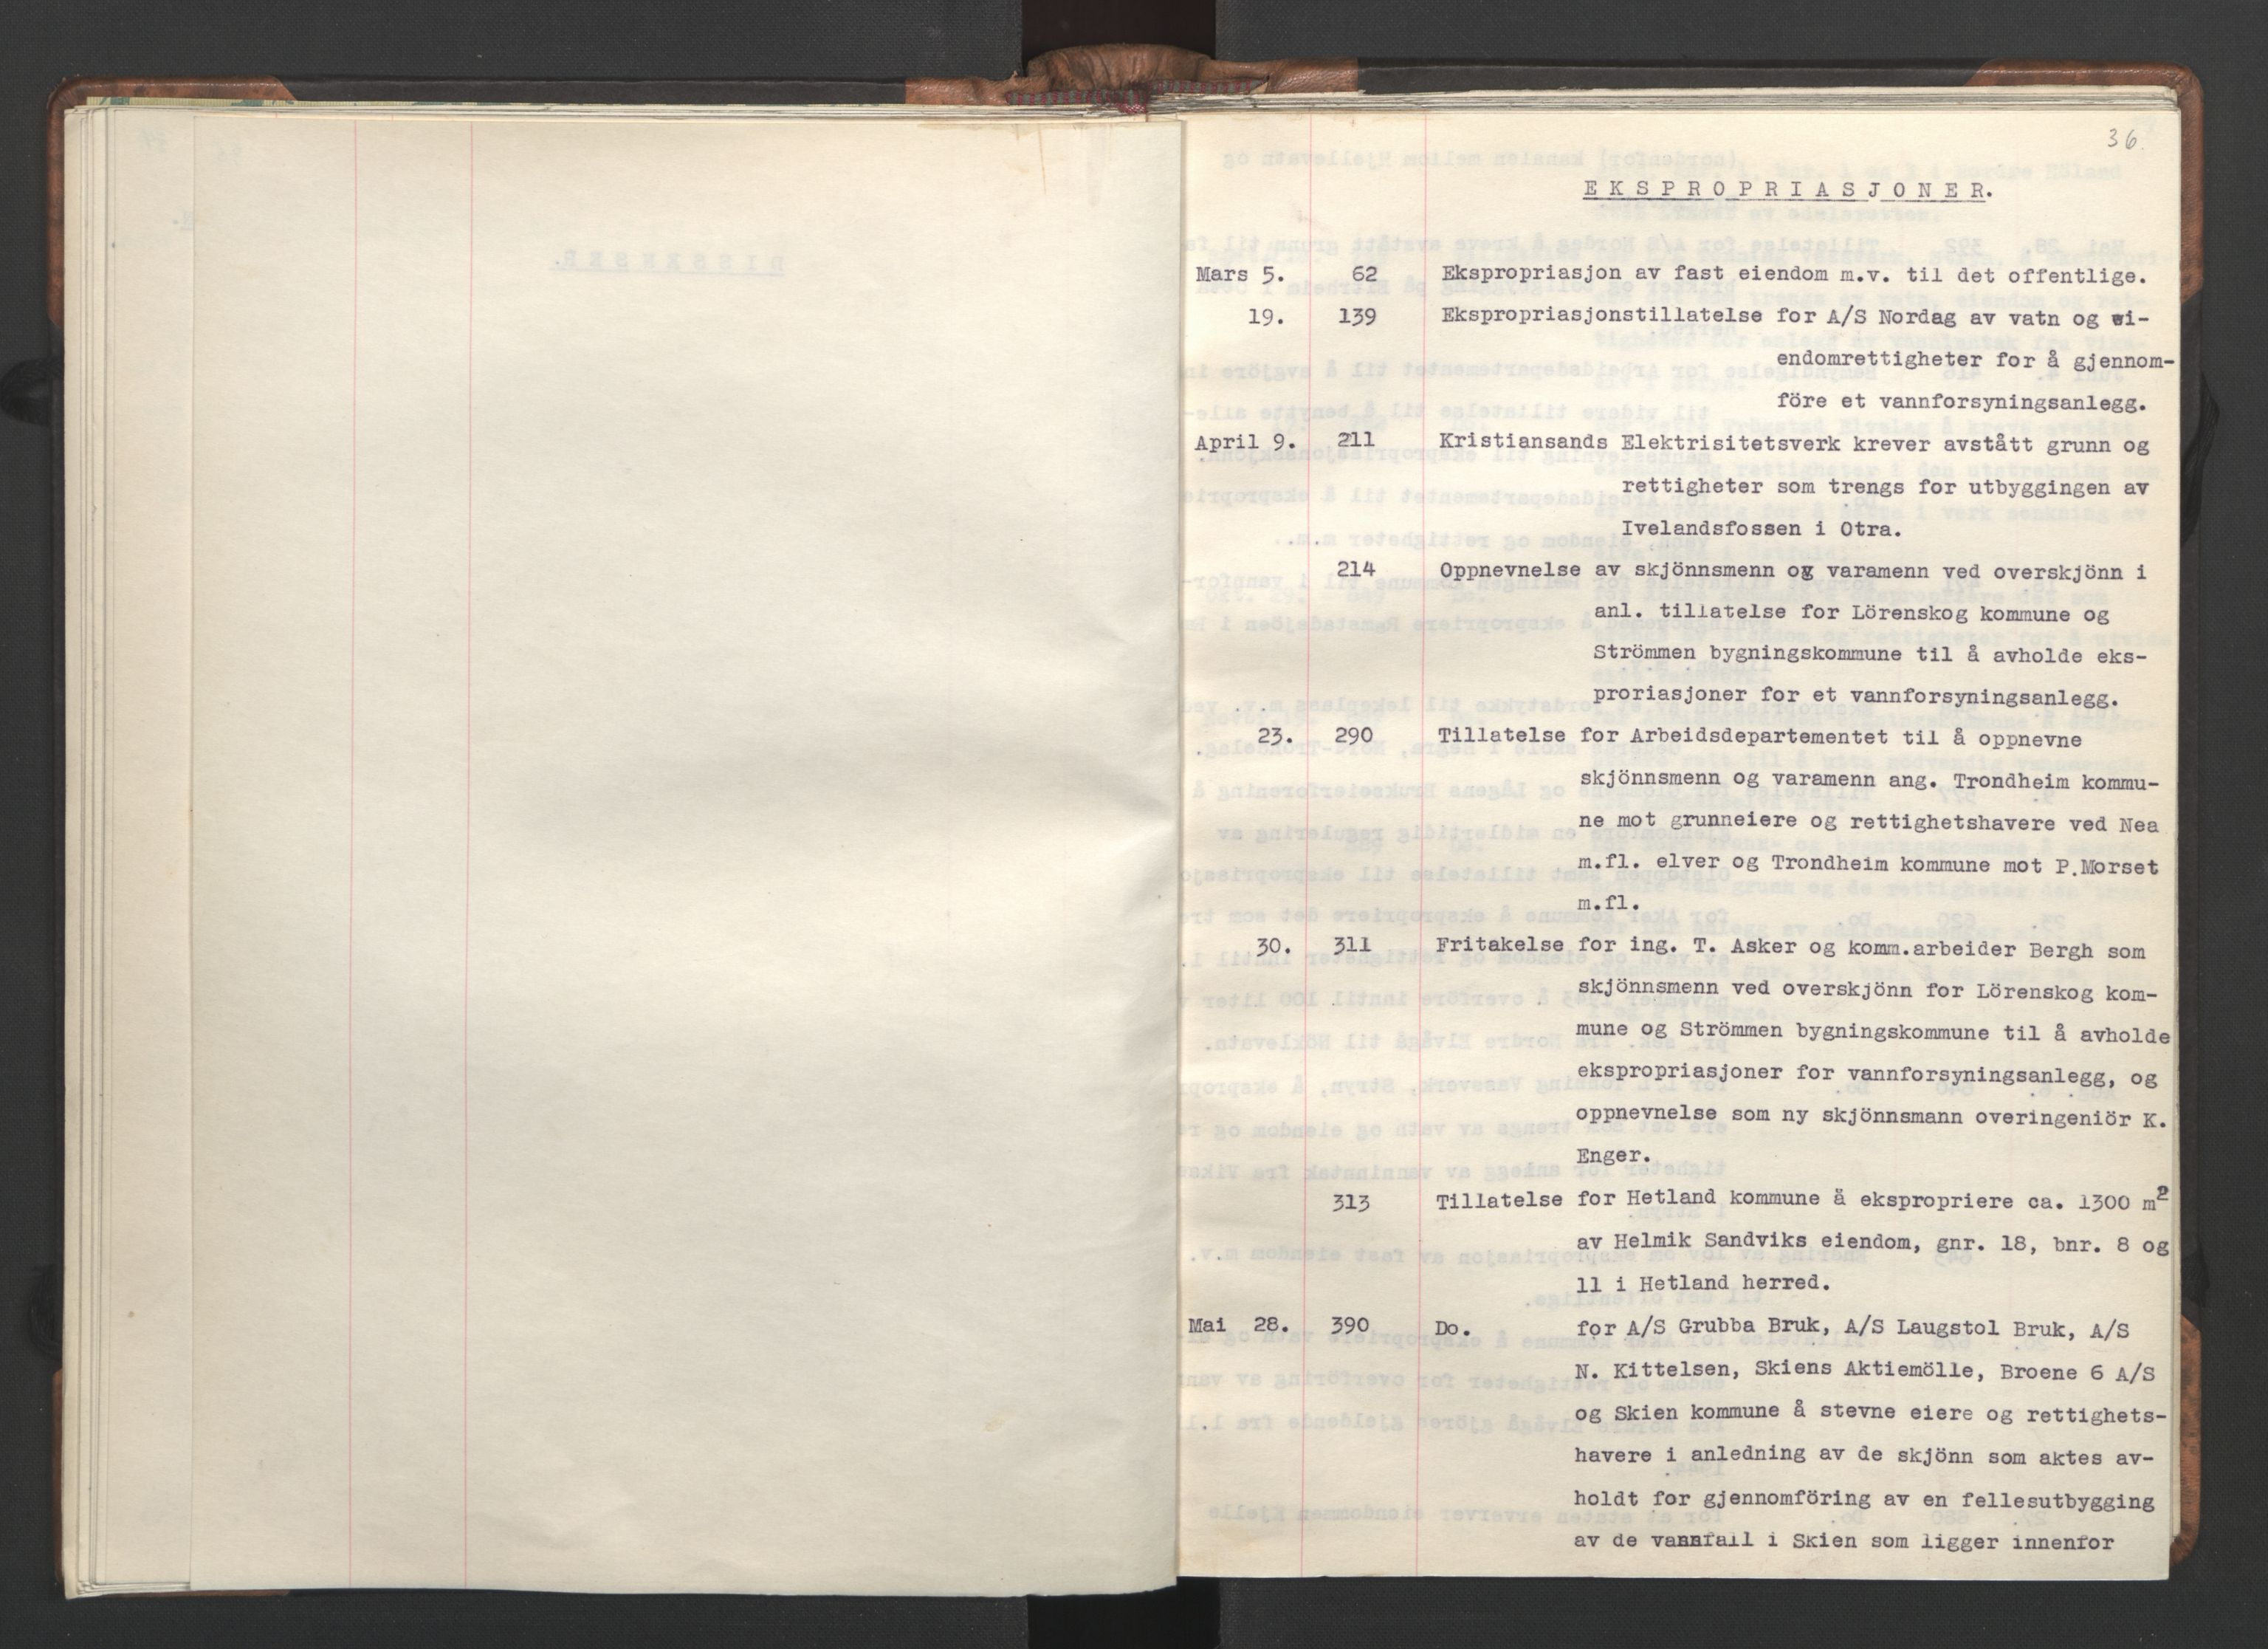 RA, NS-administrasjonen 1940-1945 (Statsrådsekretariatet, de kommisariske statsråder mm), D/Da/L0002: Register (RA j.nr. 985/1943, tilgangsnr. 17/1943), 1942, s. 35b-36a